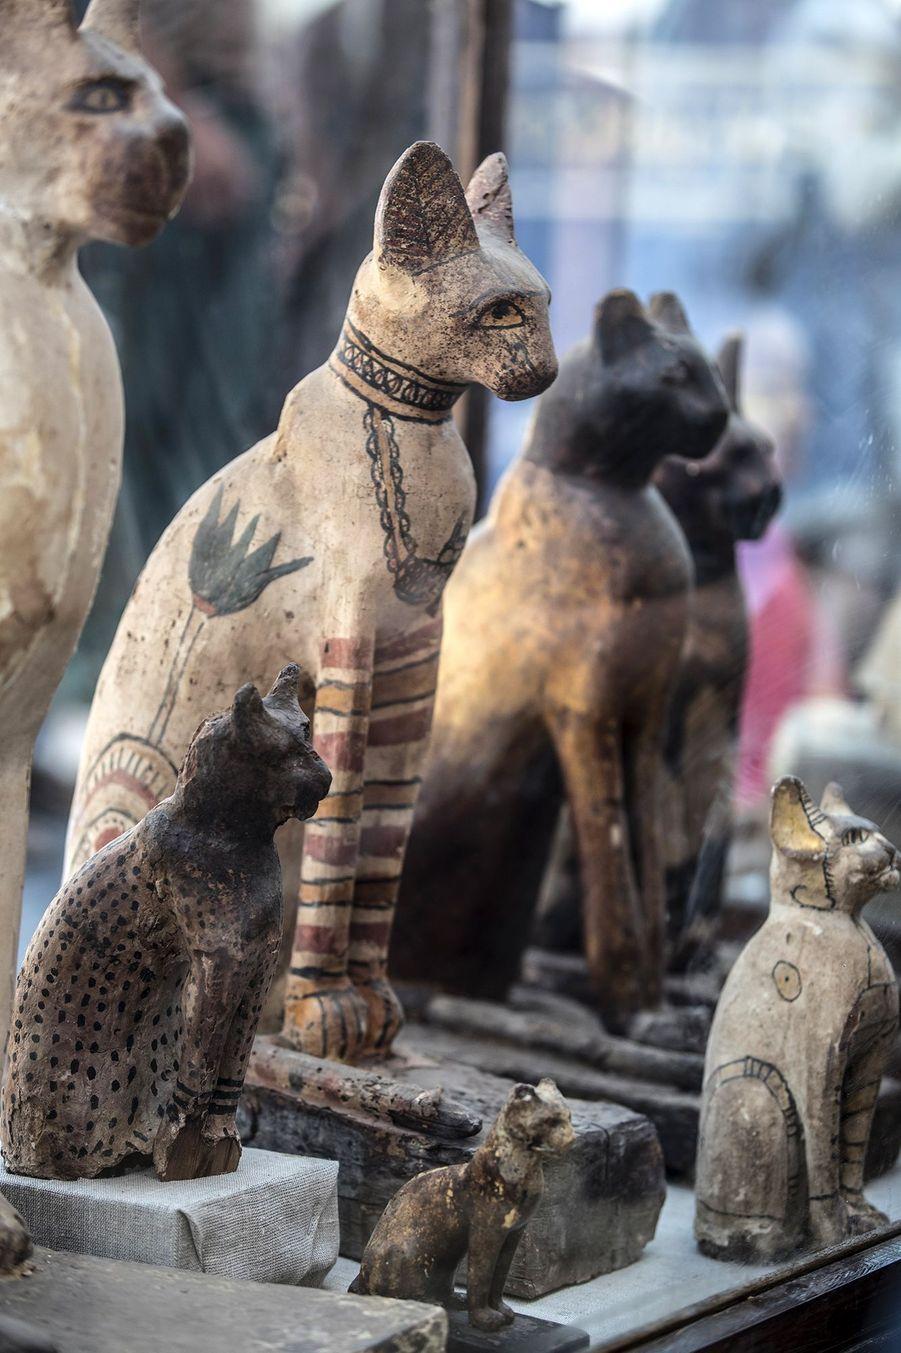 Les statuettes sont exposées au public près de la nécropole de Saqqarah, là où ont été trouvées.